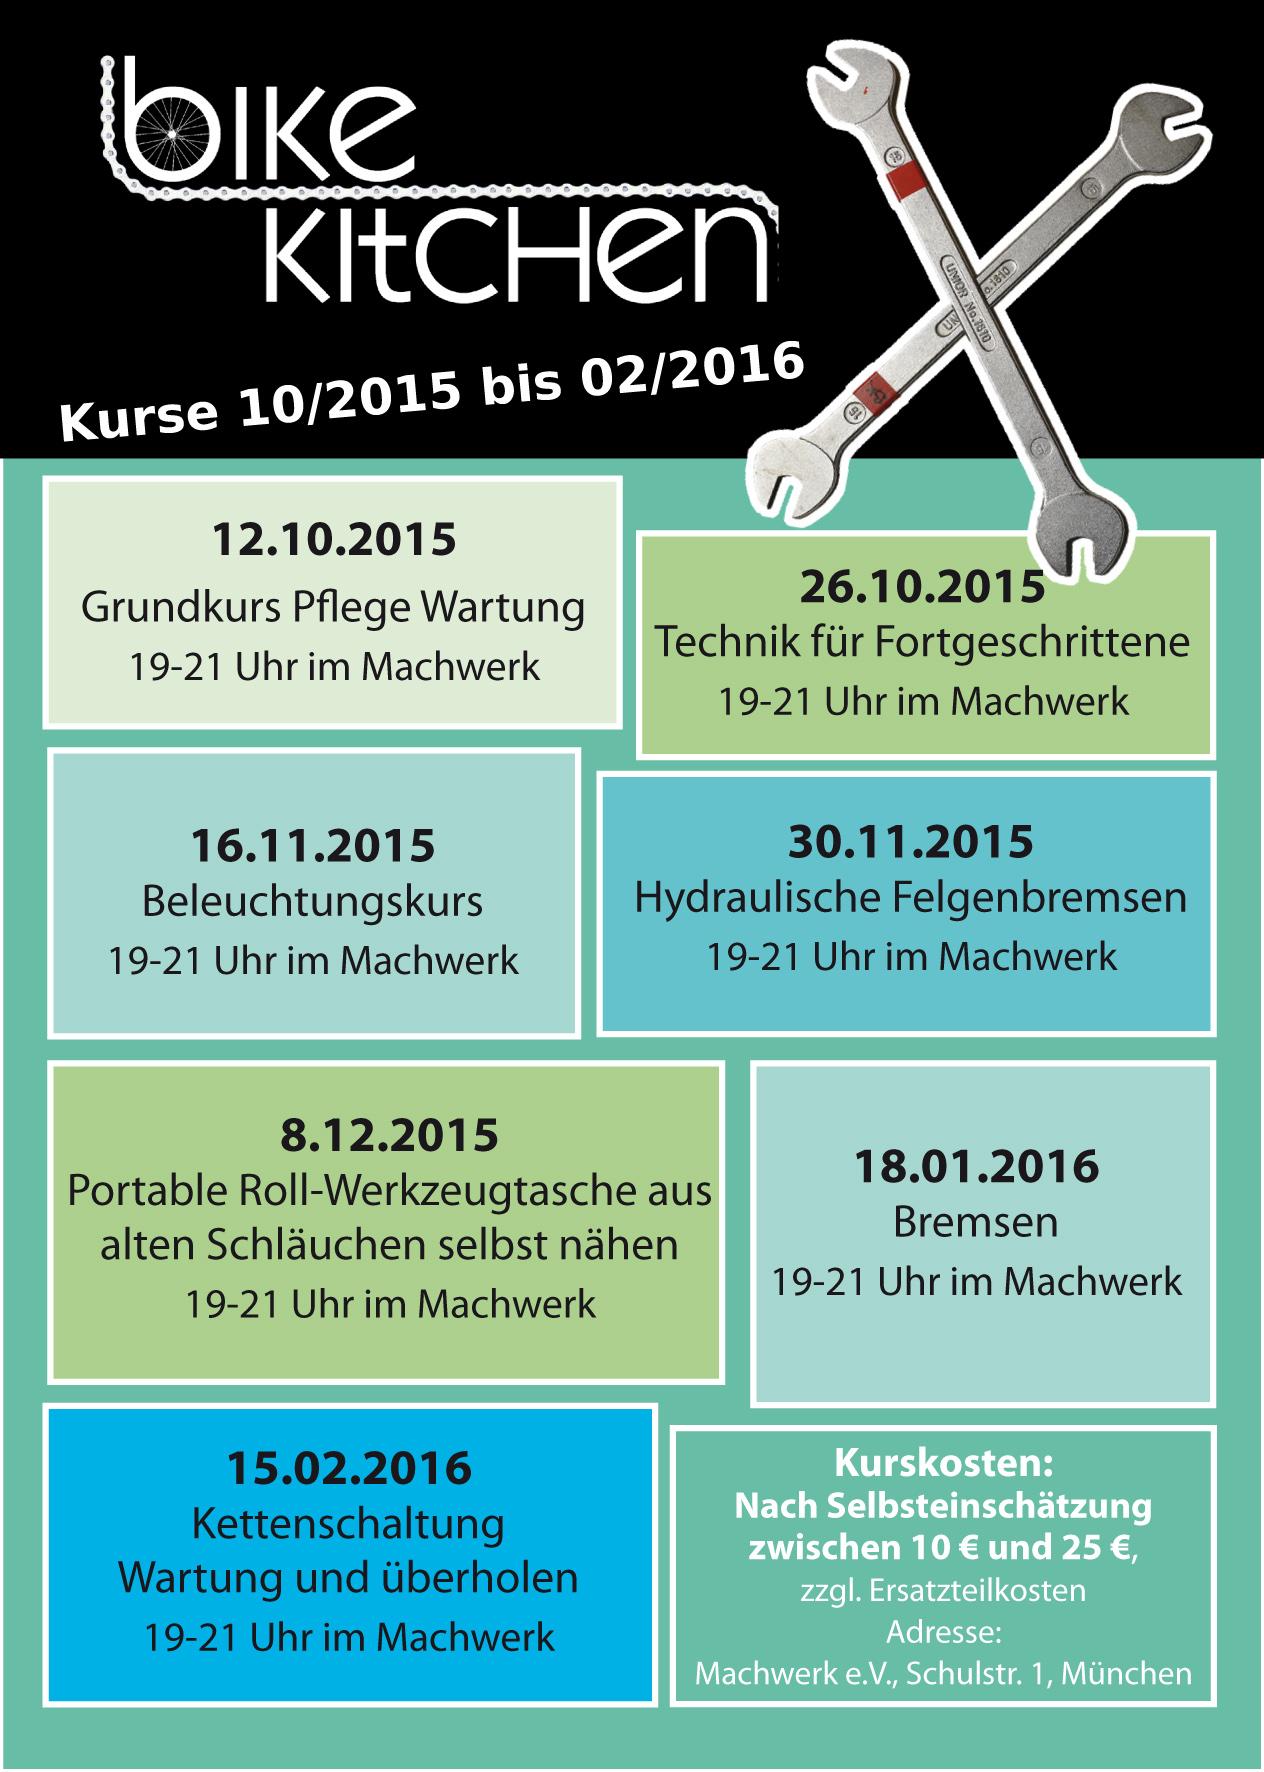 BK-flyer-2015-nr2-print-1